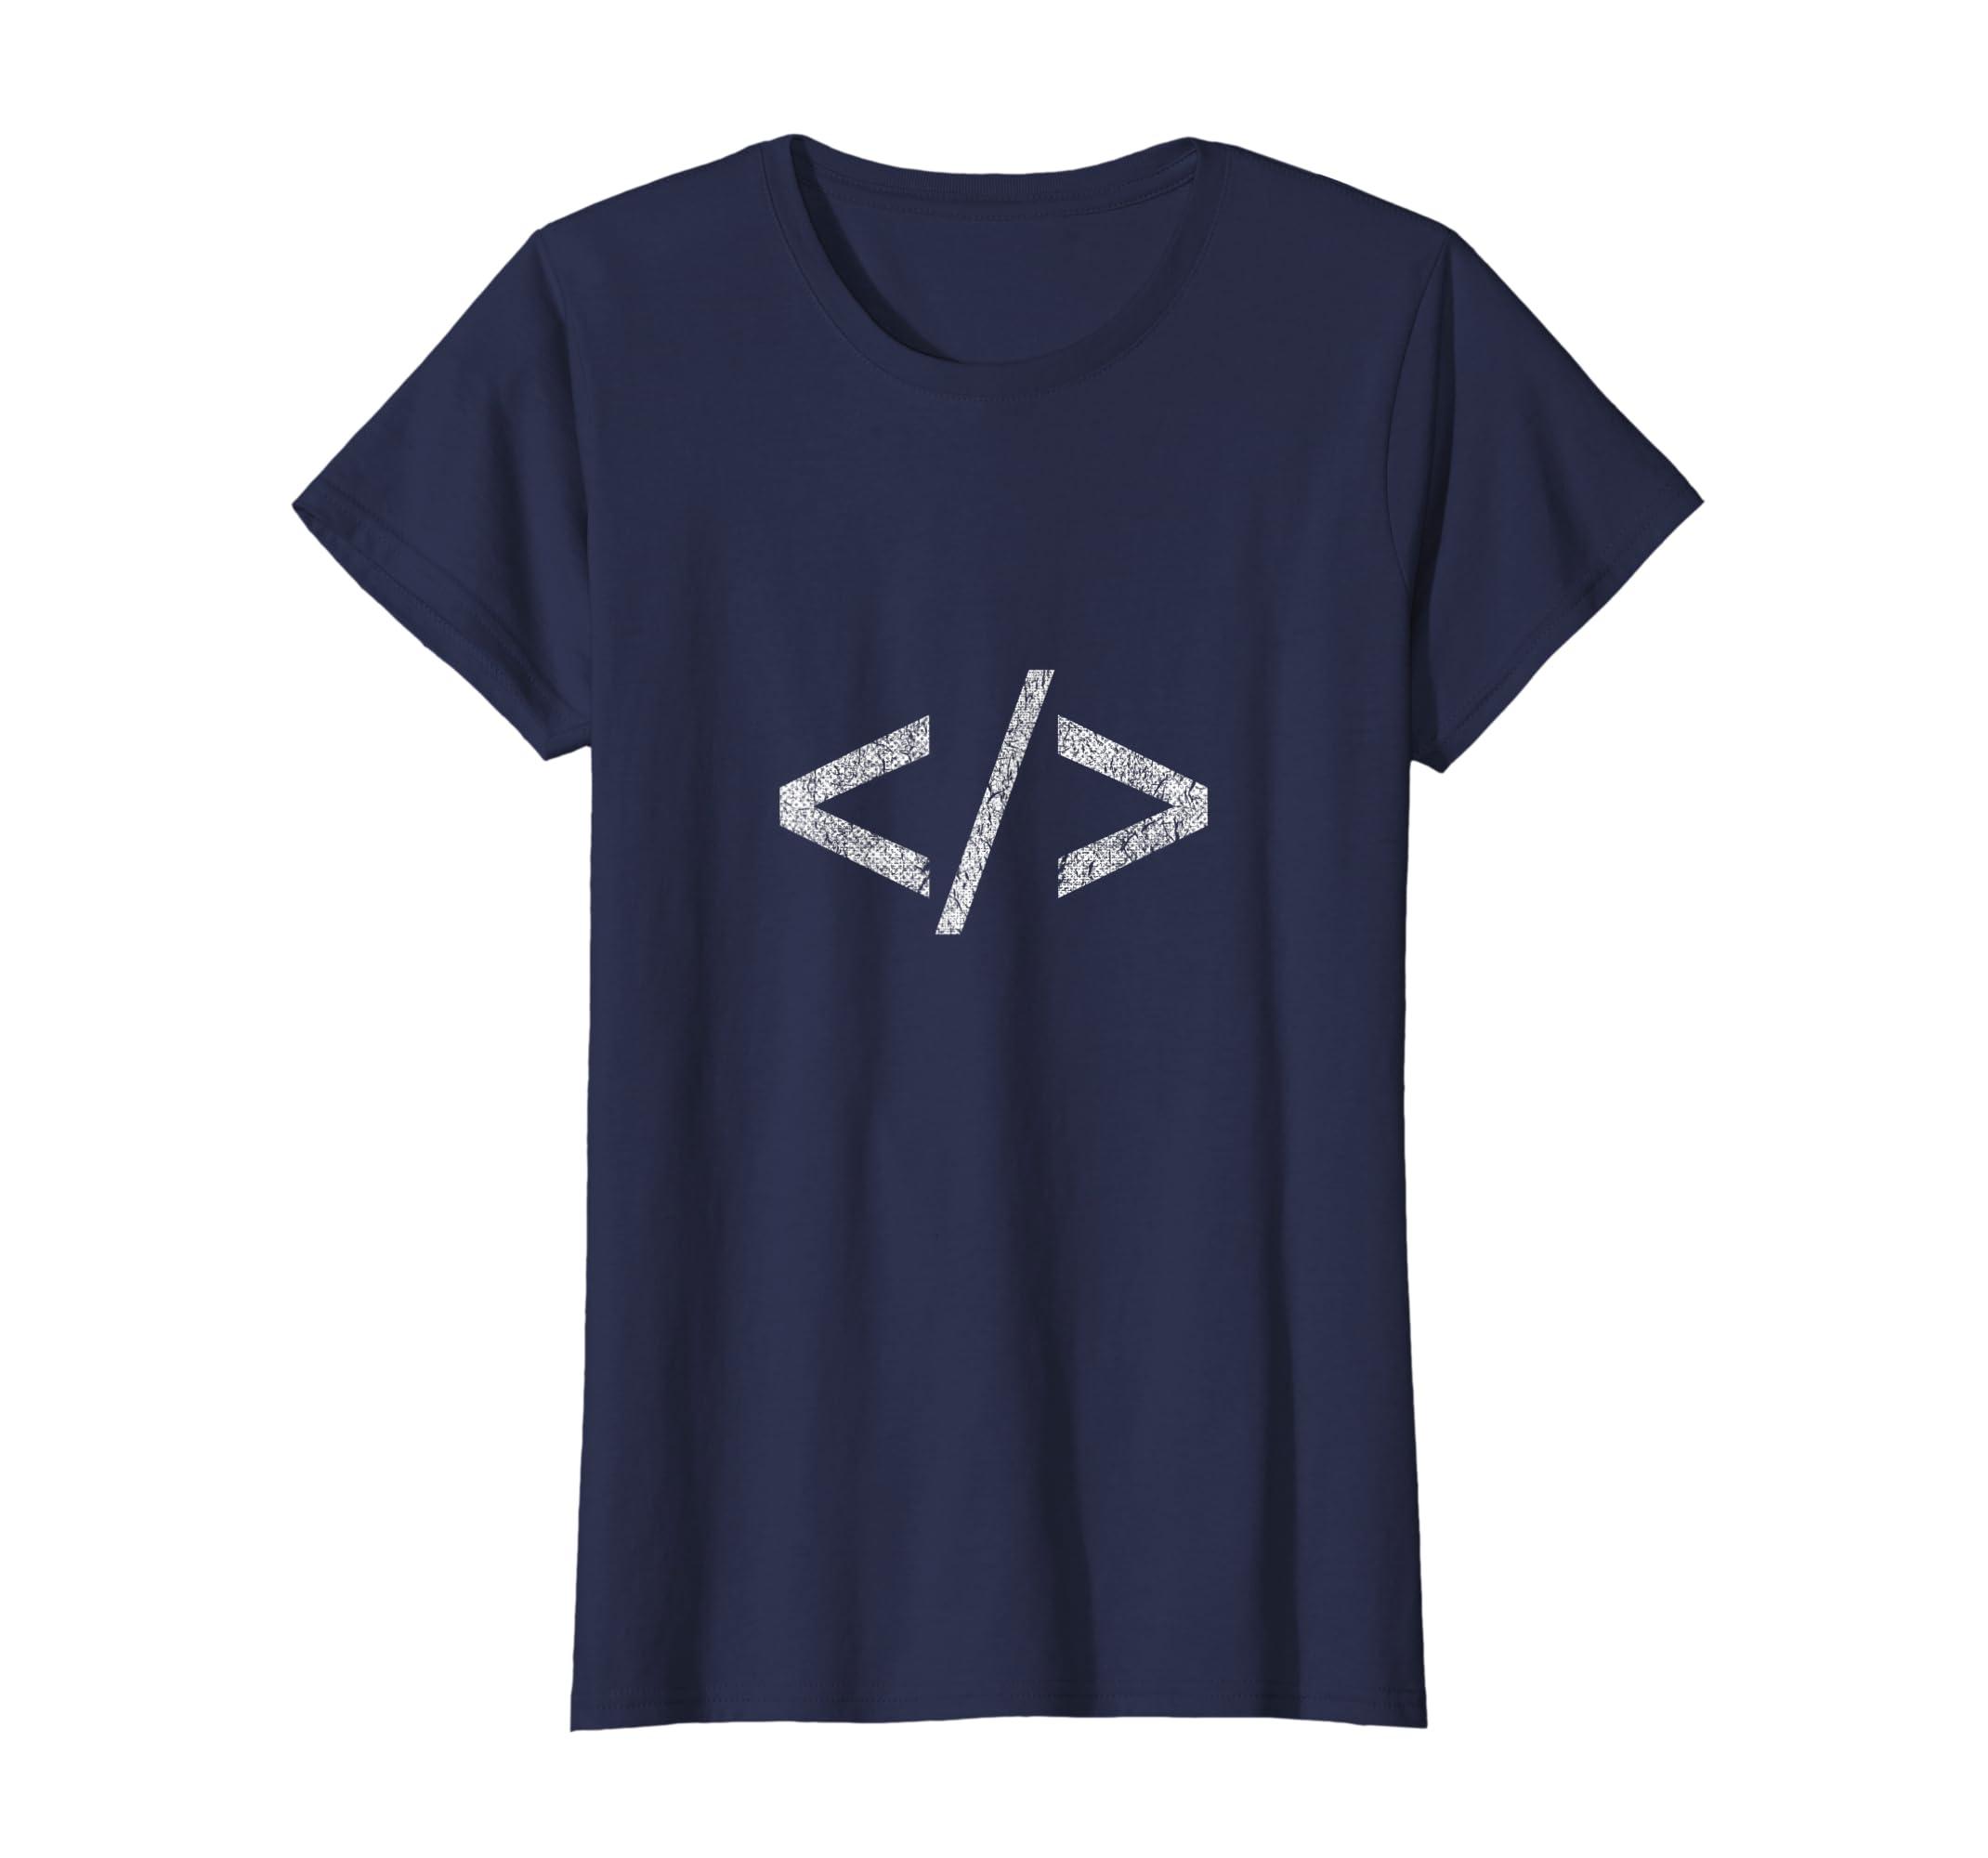 0a51a64ee Cheap Designer Brand T Shirts